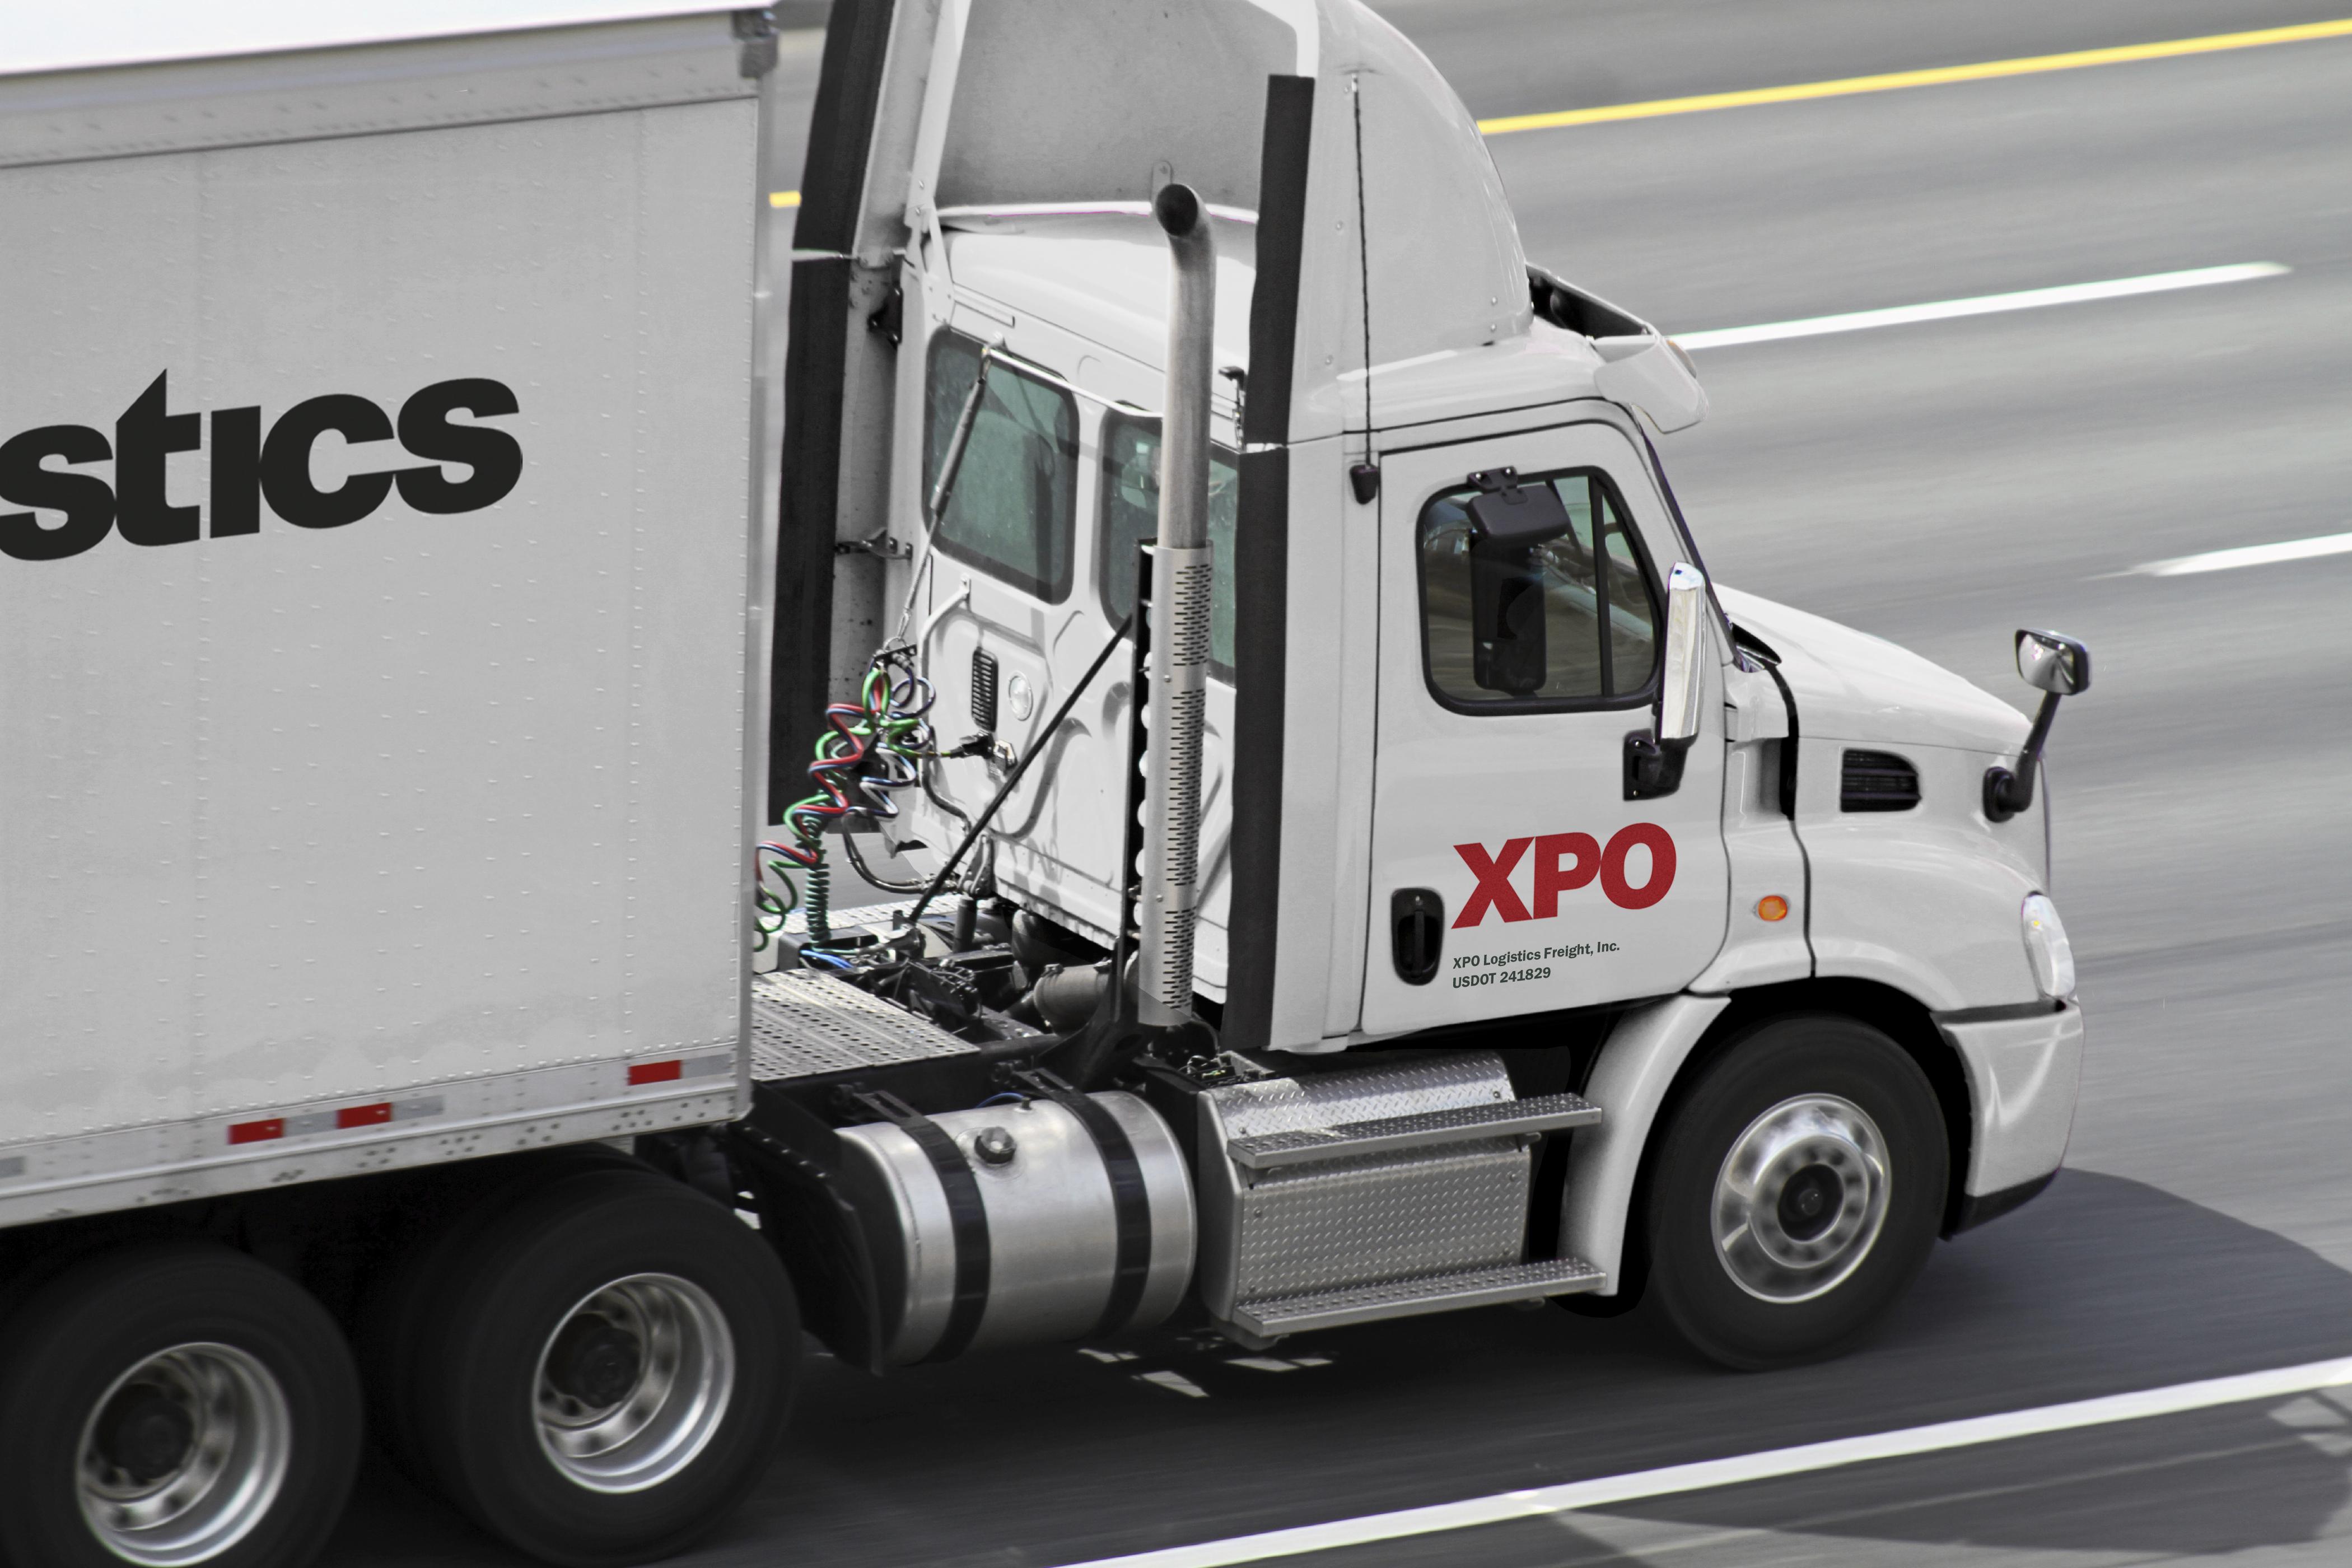 XPO truck.